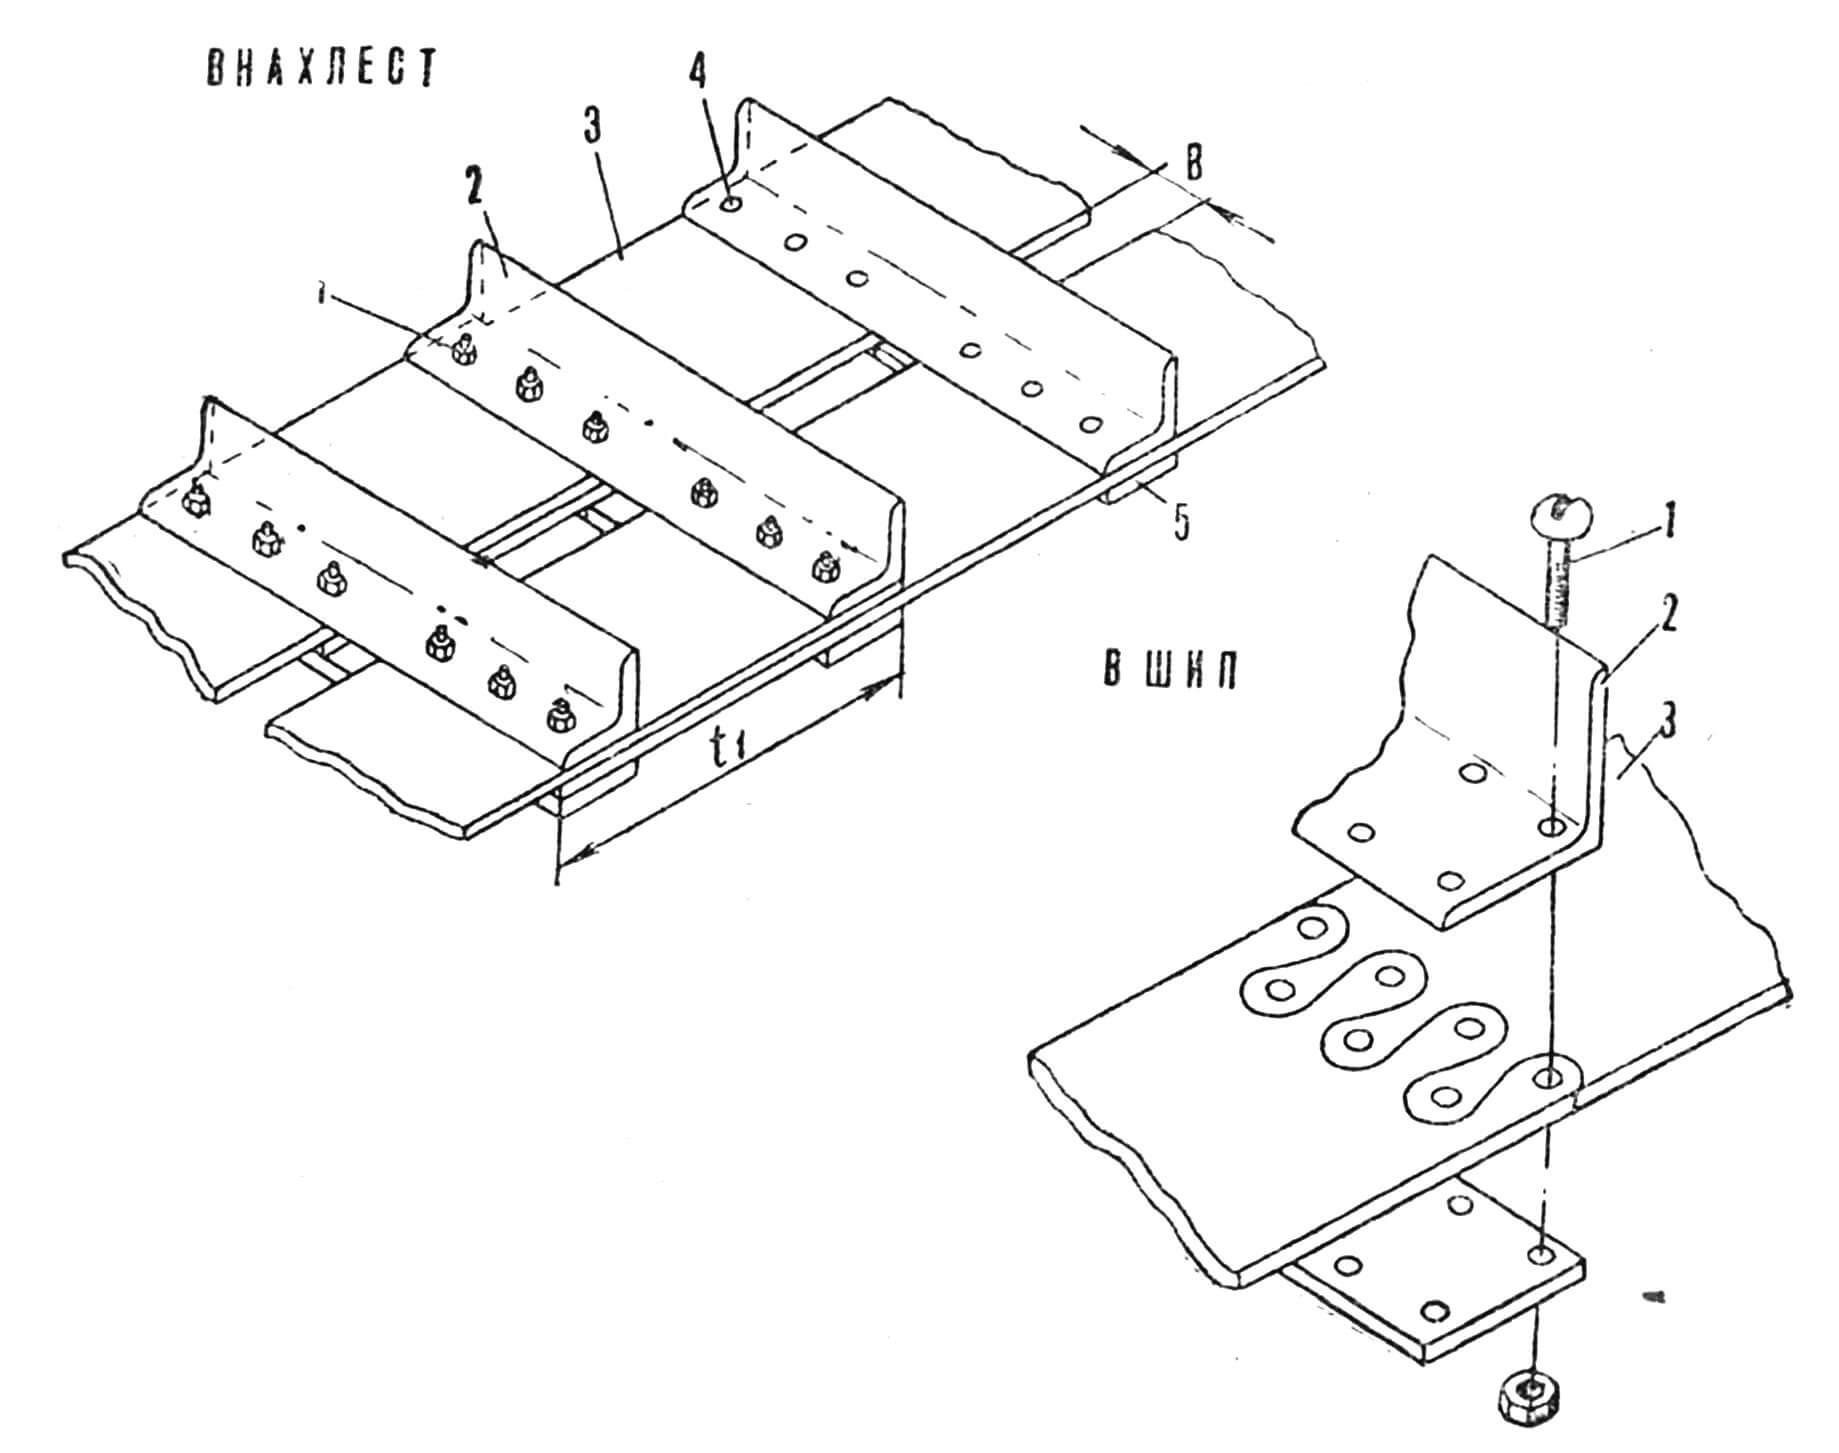 Рис. 3. Схема стыковки ленты: 1 – болт, 2 – угольник-снегозацеп, 3 – лента, 4 – заклепка, 5 – подкладка.